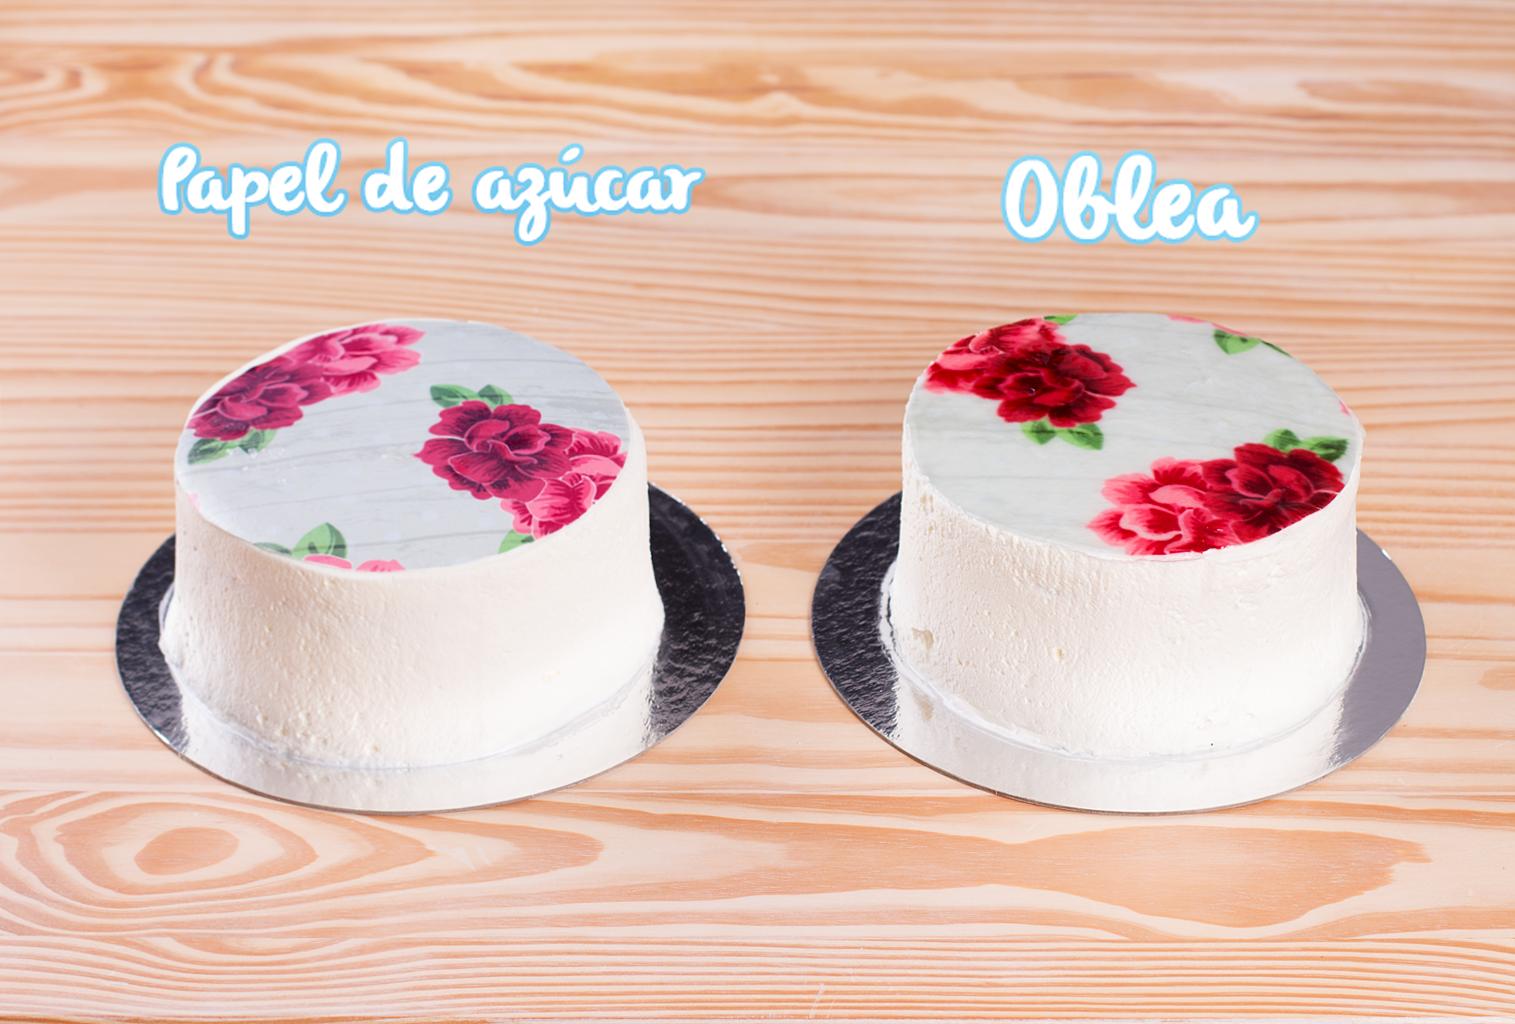 Impresiones comestibles sobre tartas cubiertas de nata